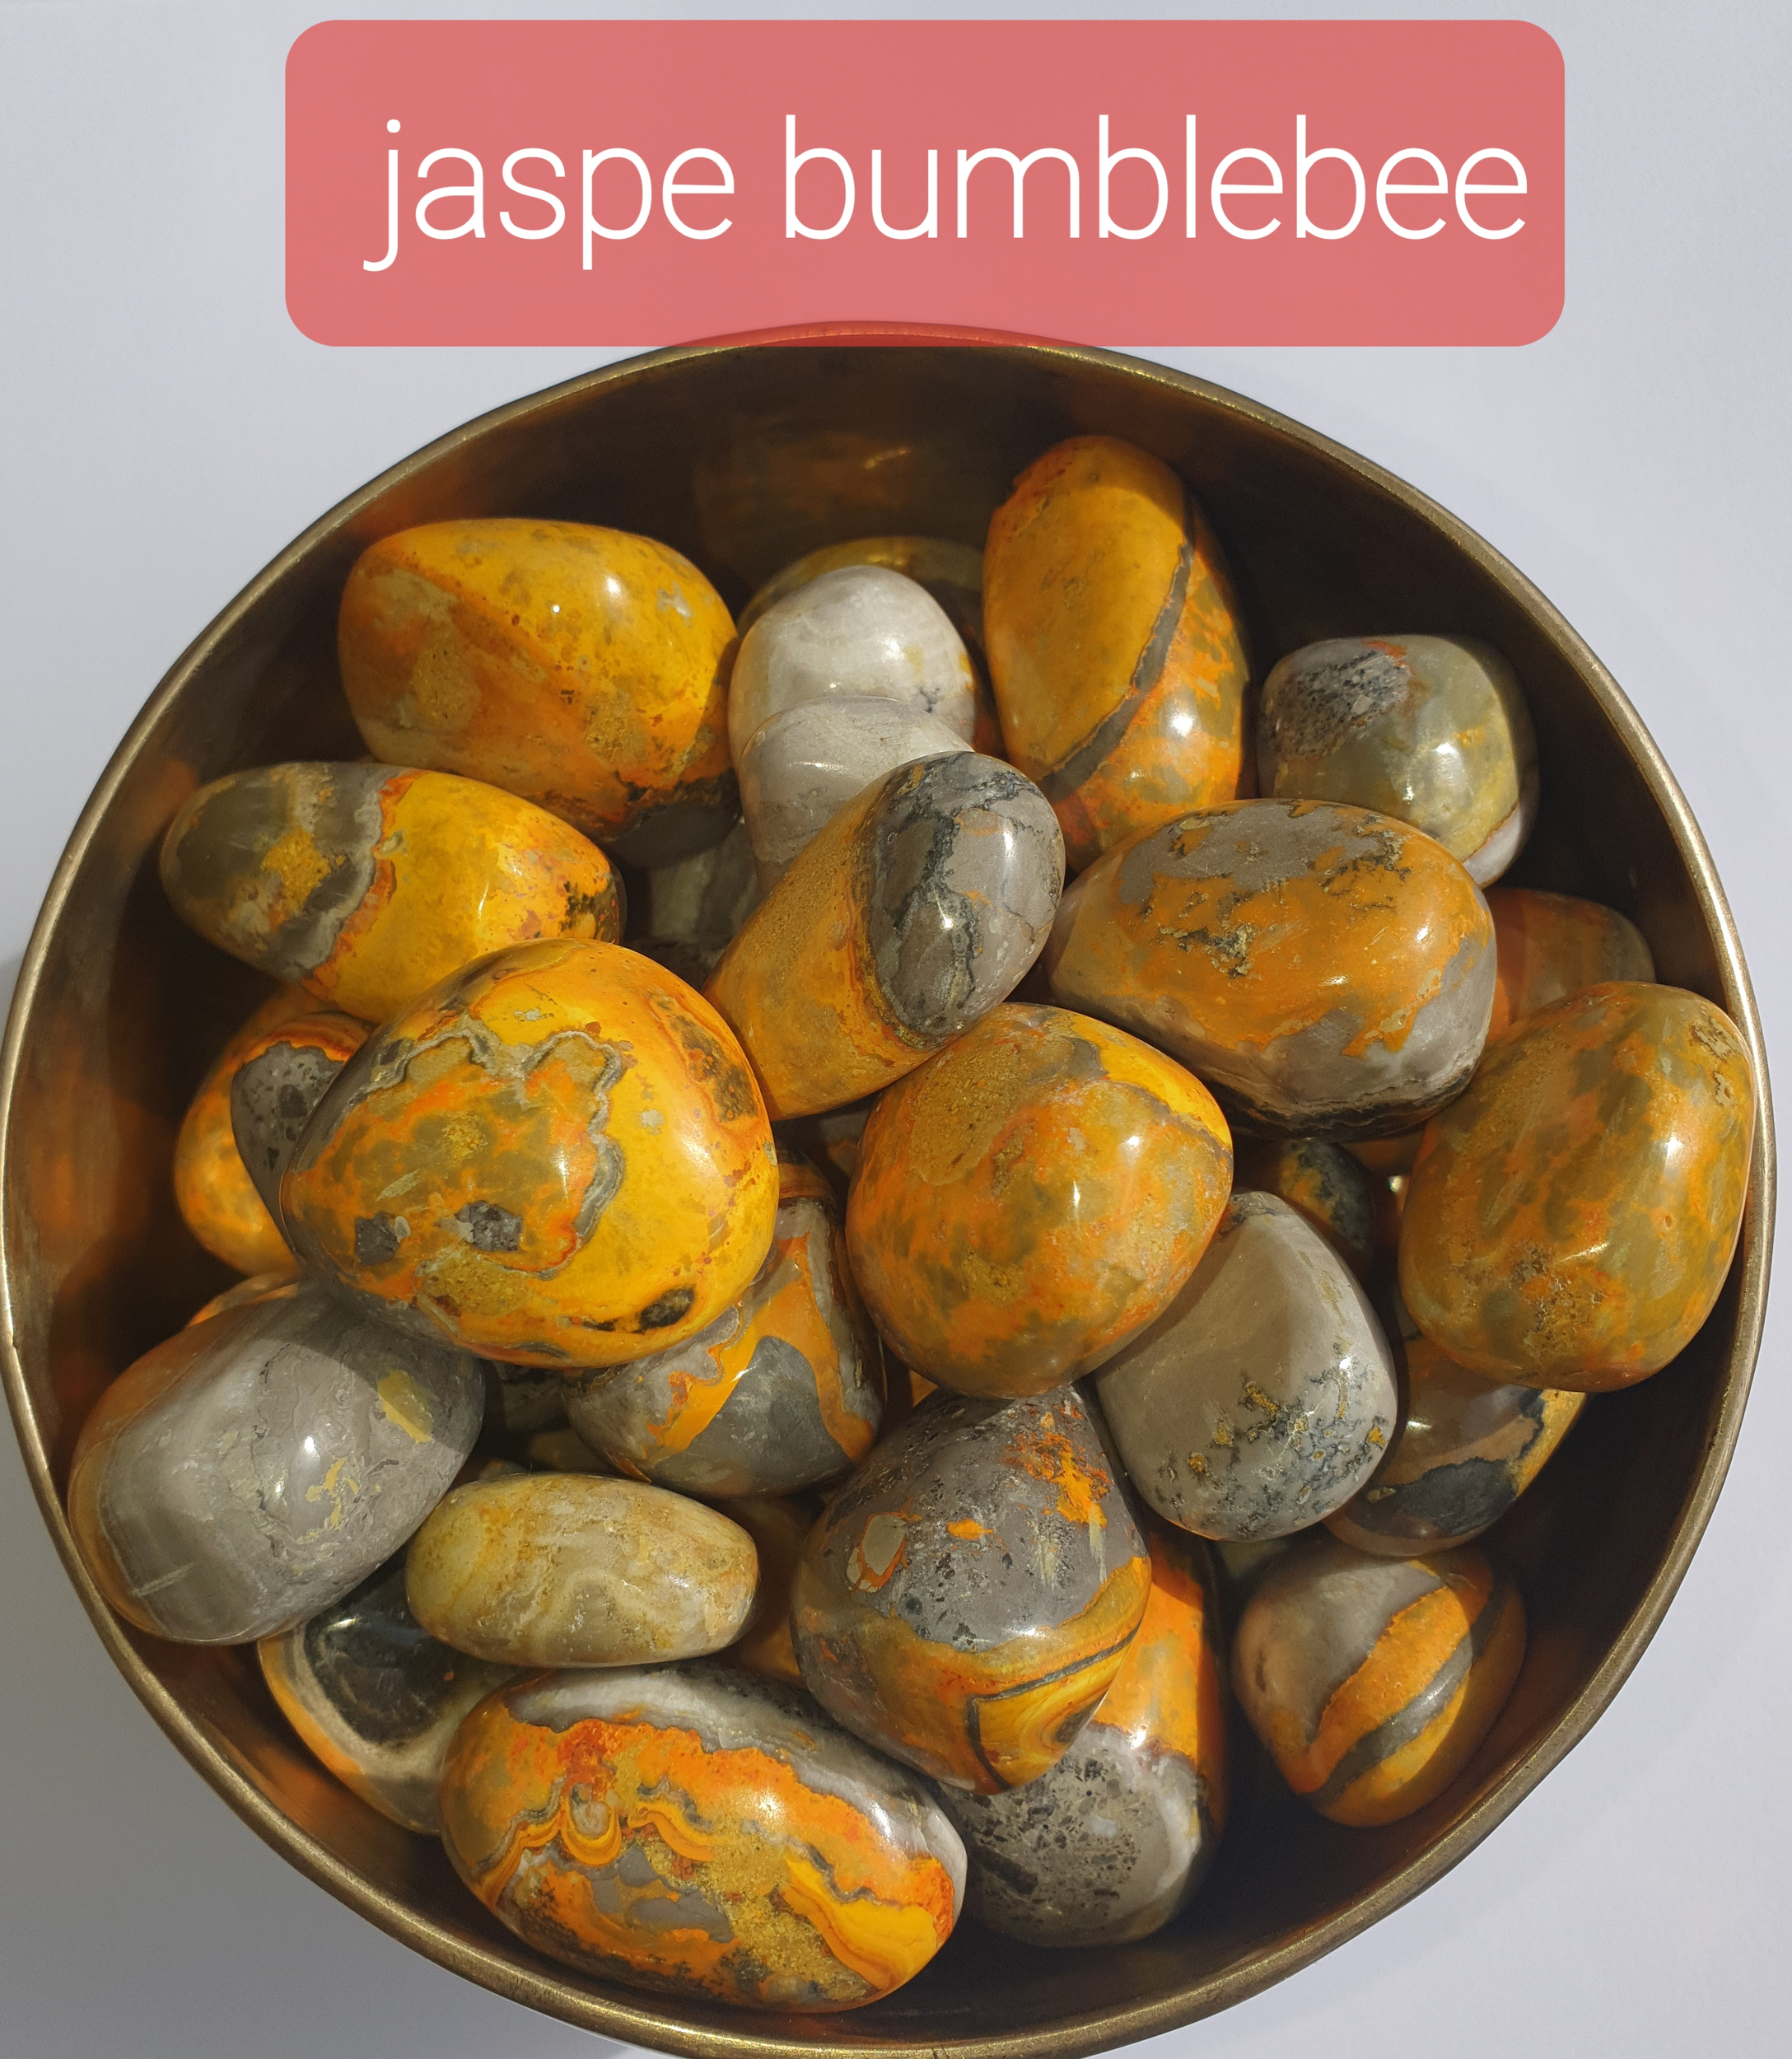 pierre roulee jaspe bumblebee